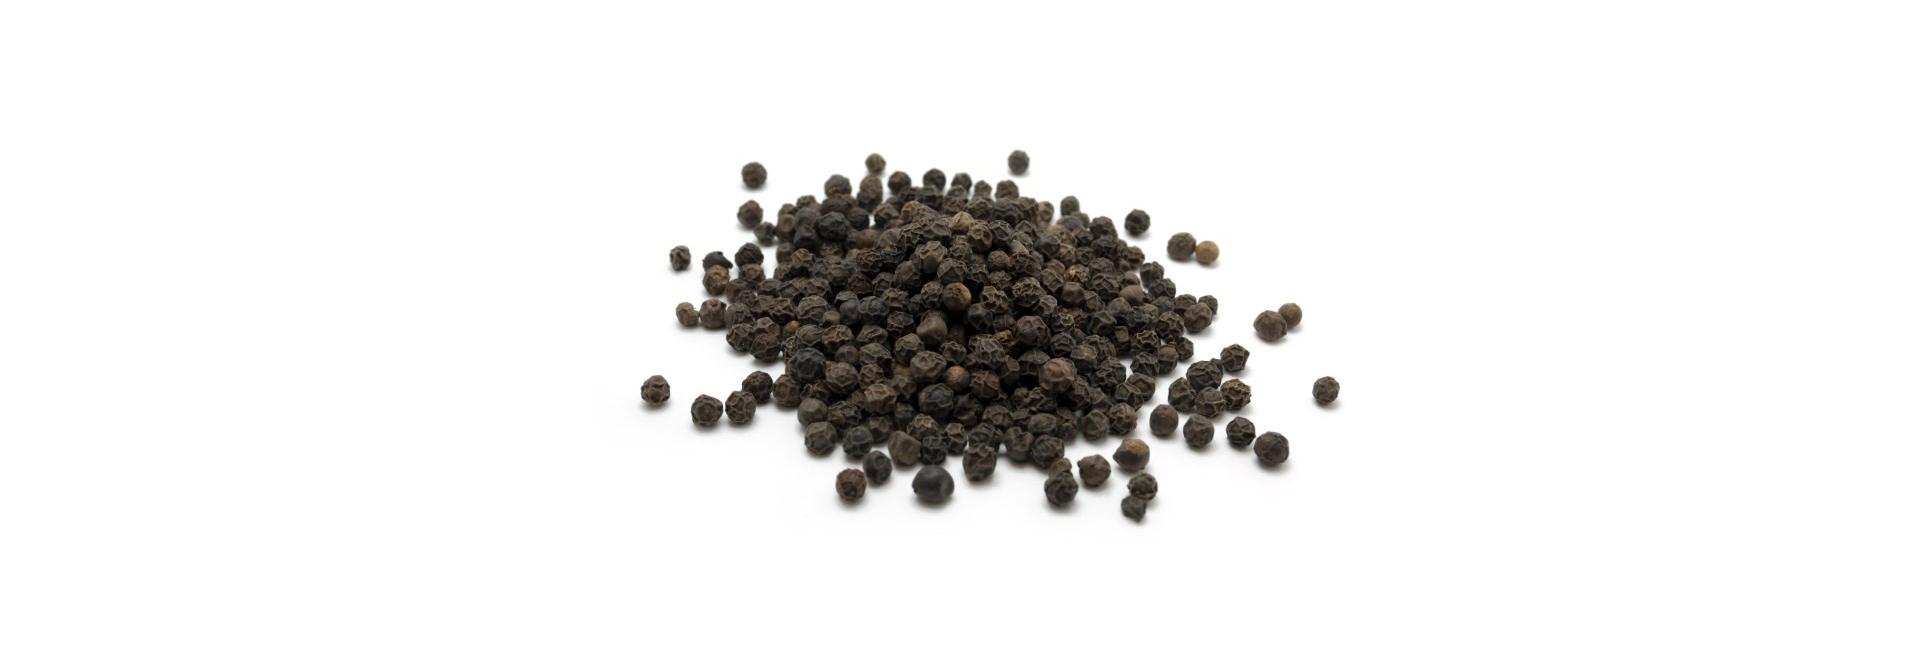 Антицеллюлитный скраб на травах для тела Черный перец и имбирь